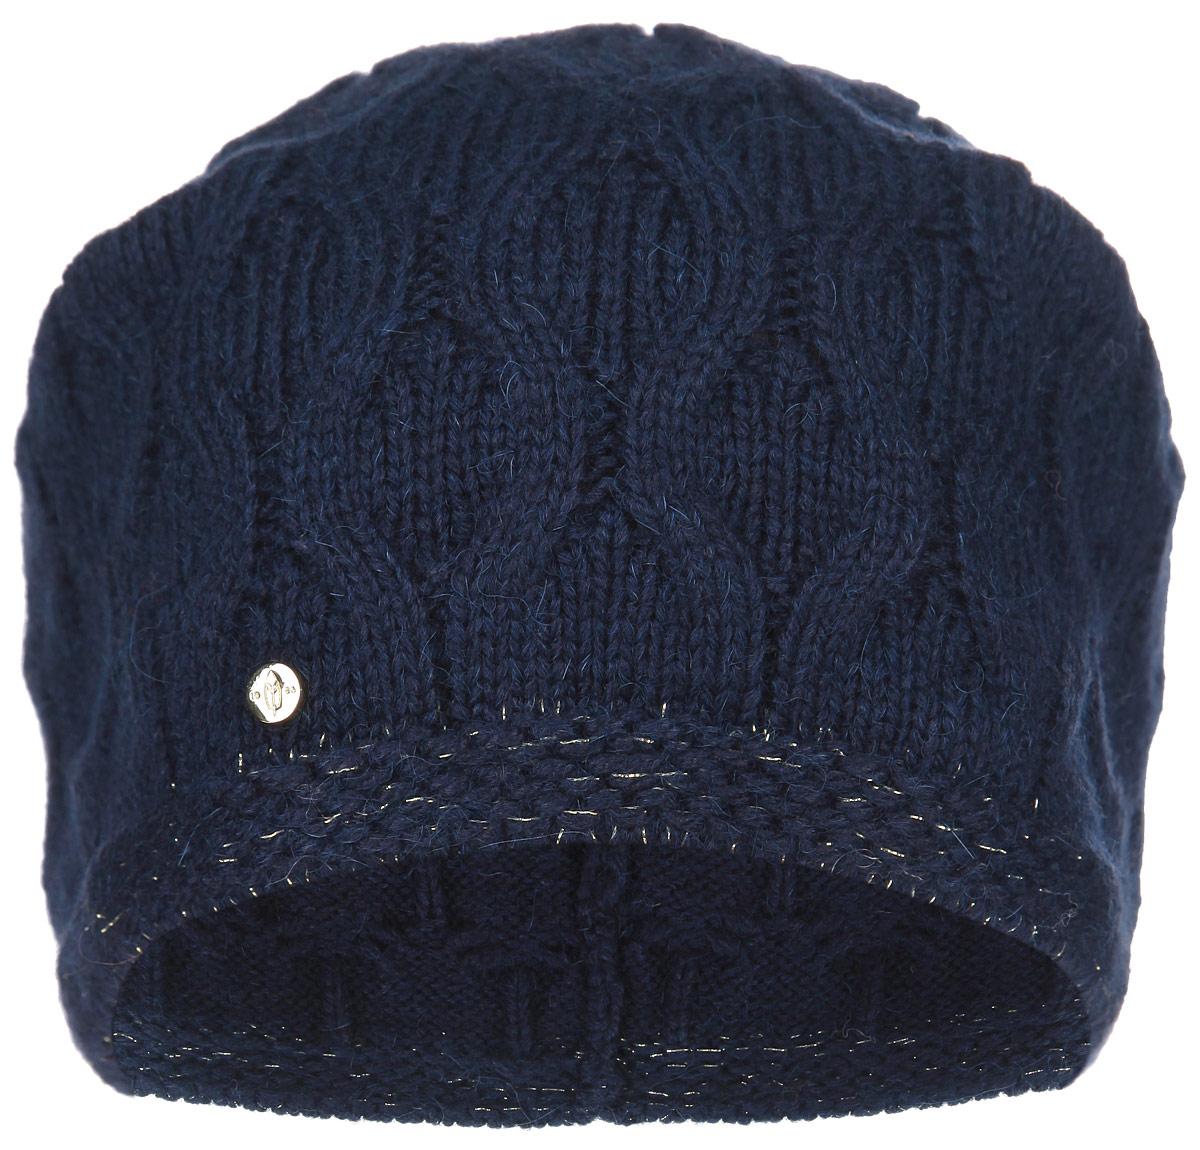 3446880Теплая женская шапка Canoe Zita выполнена из лёгкой и мягкой альпаки в смеси шерсти и акрила. Добавленный в ручную неаполитанский люрекс, создаёт утончённость и эксклюзивность изделию. Шапка превосходно сохраняет тепло, мягкая и идеально прилегает к голове. Такая шапка идеально дополнит ваш образ.